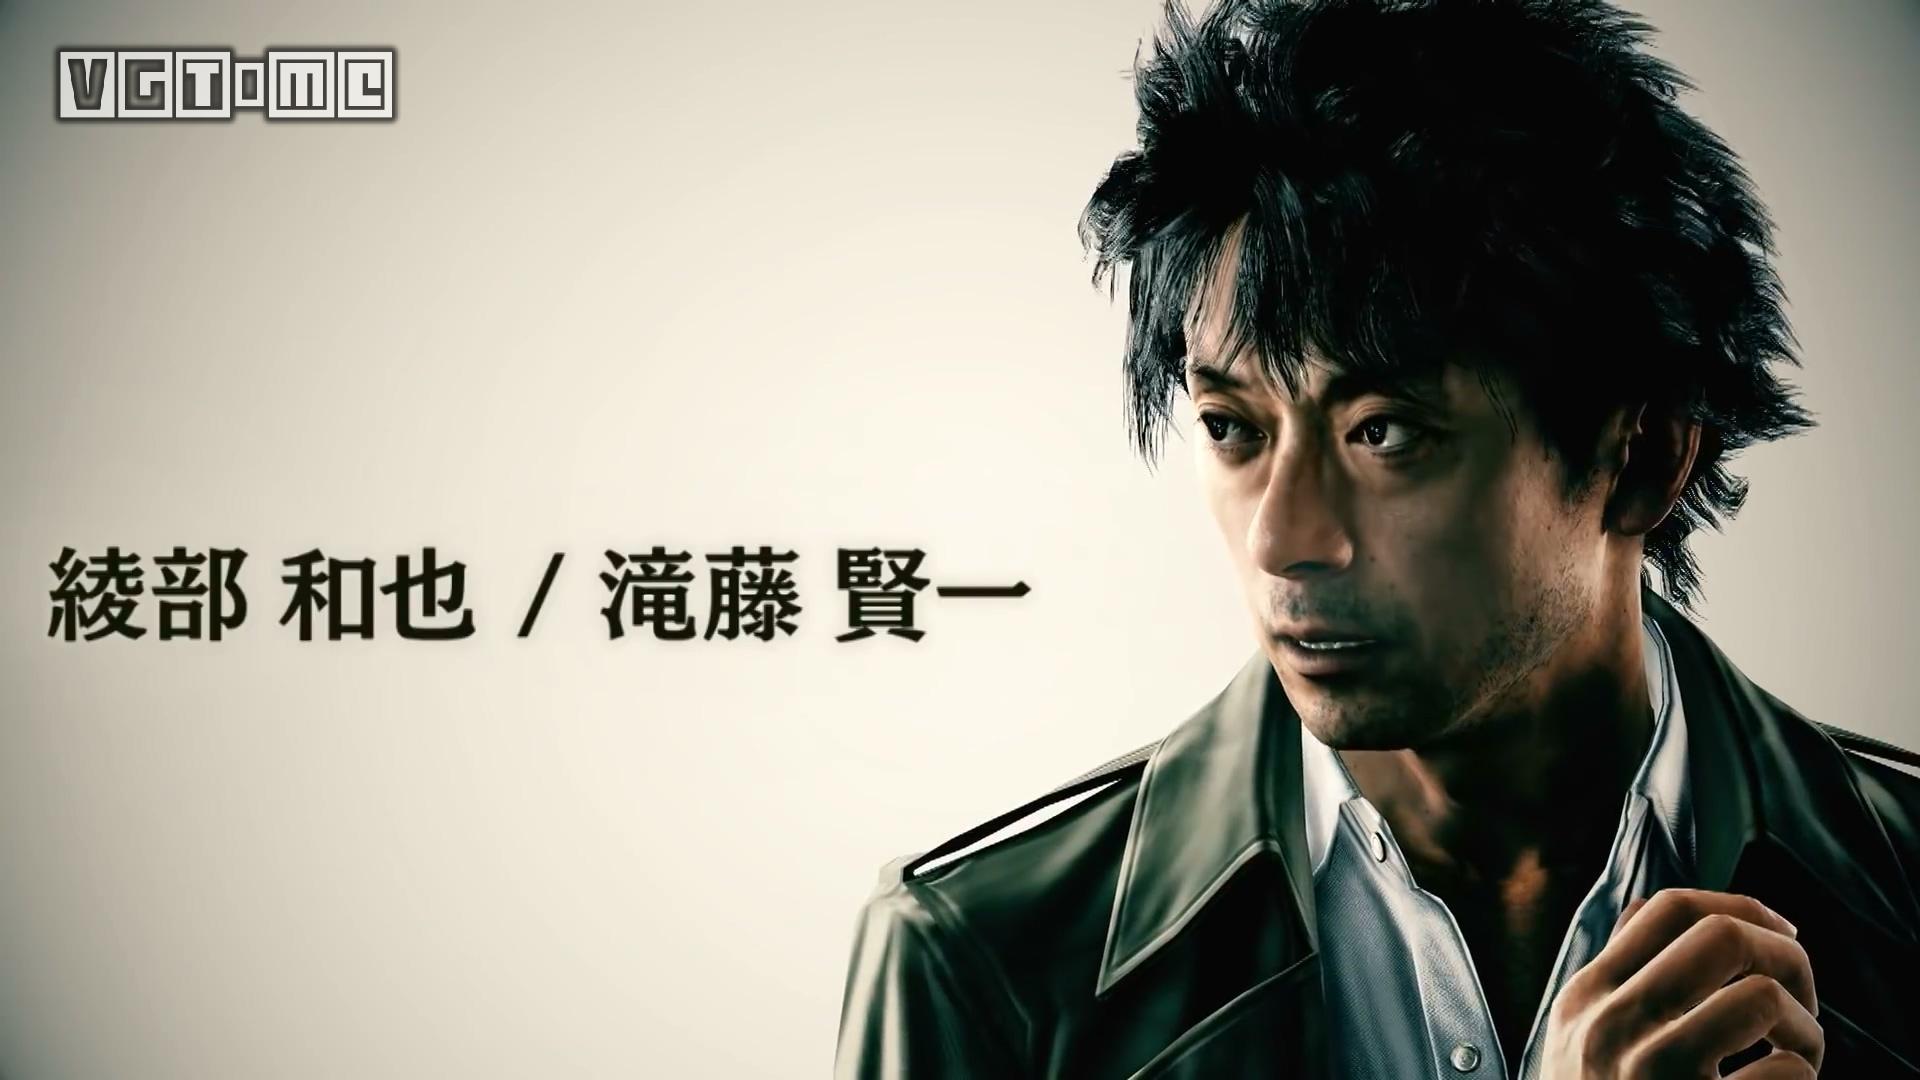 木村拓哉主演新作《审判之眼 死神遗言》开场动画公布